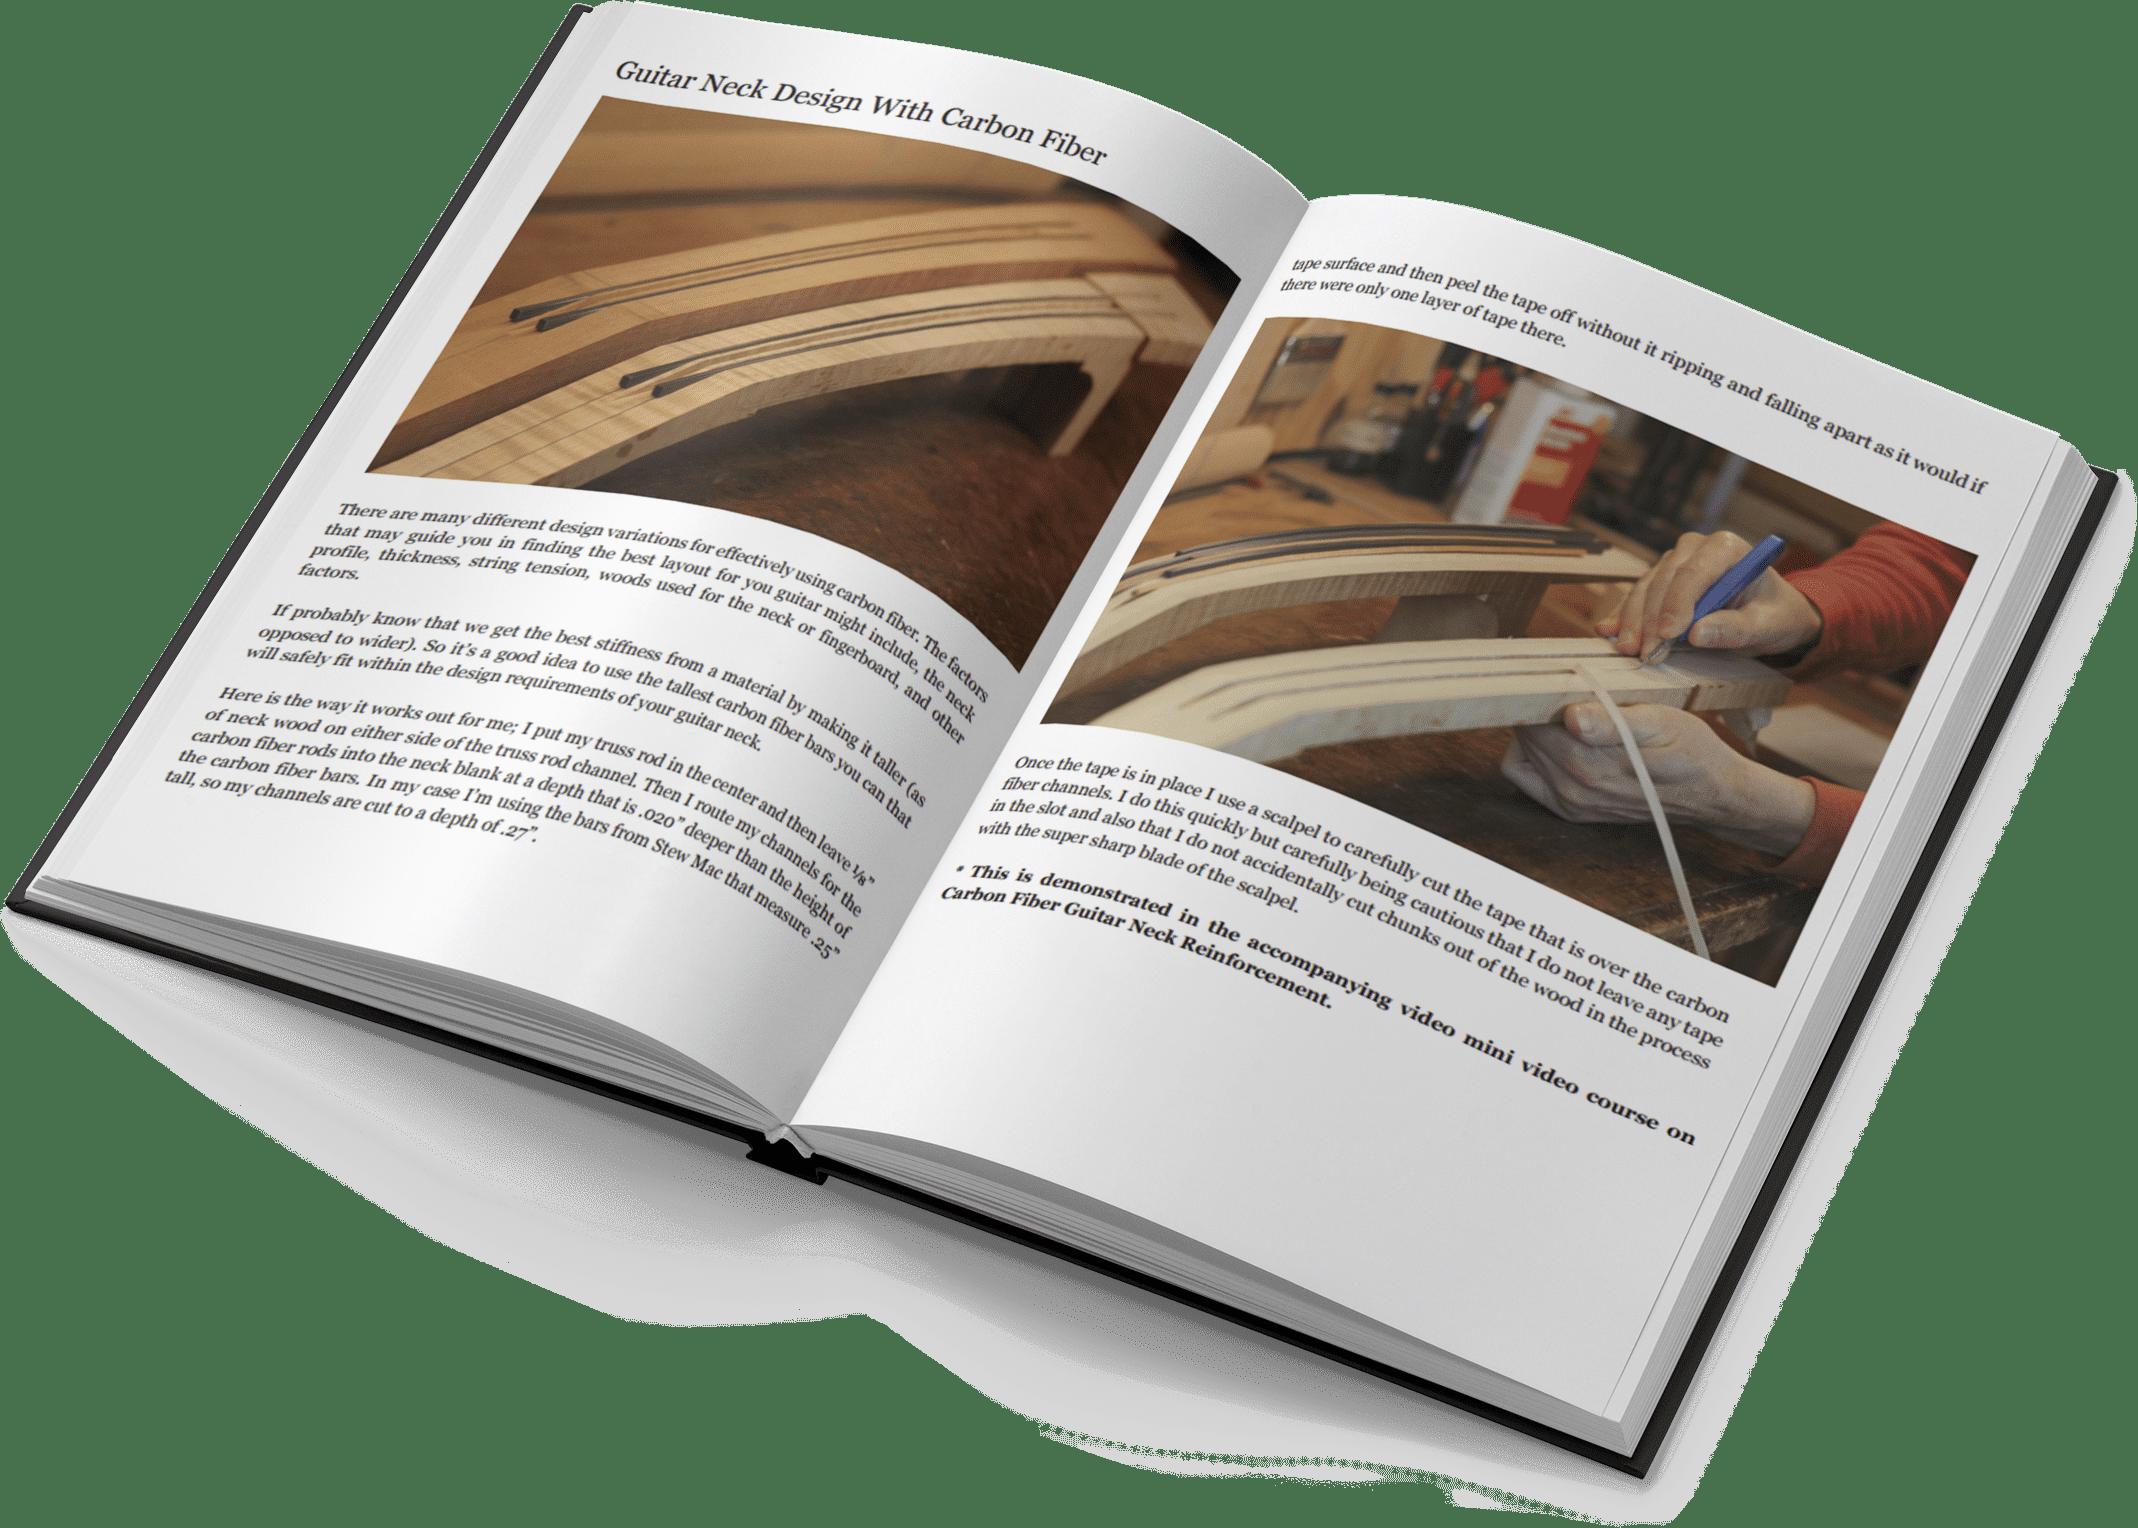 Carbon Fiber Open Pages